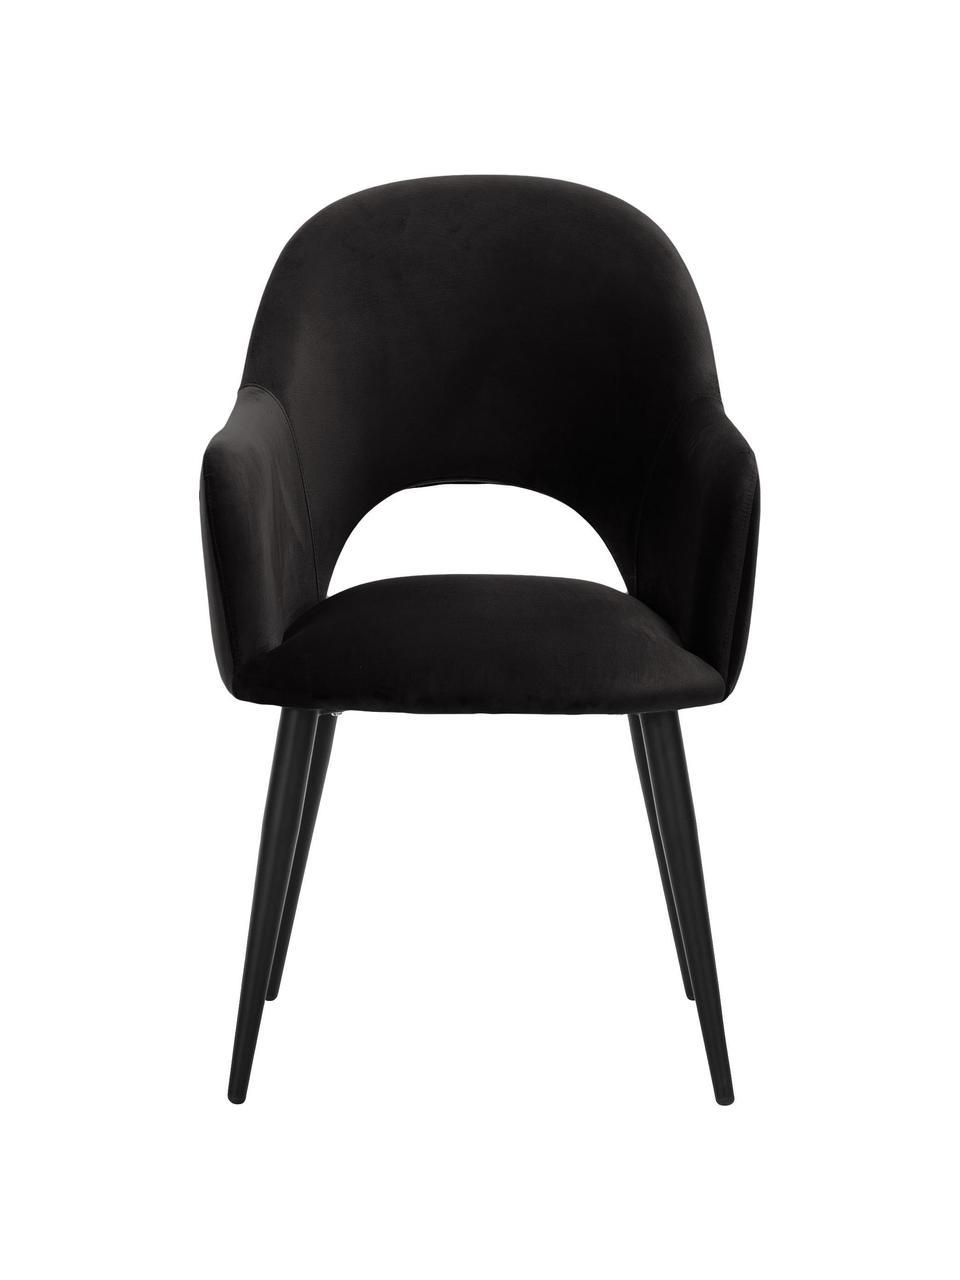 Krzesło z podłokietnikami z aksamitu Rachel, Tapicerka: aksamit (poliester) Dzięk, Nogi: metal malowany proszkowo, Czarny, S 56 x G 70 cm